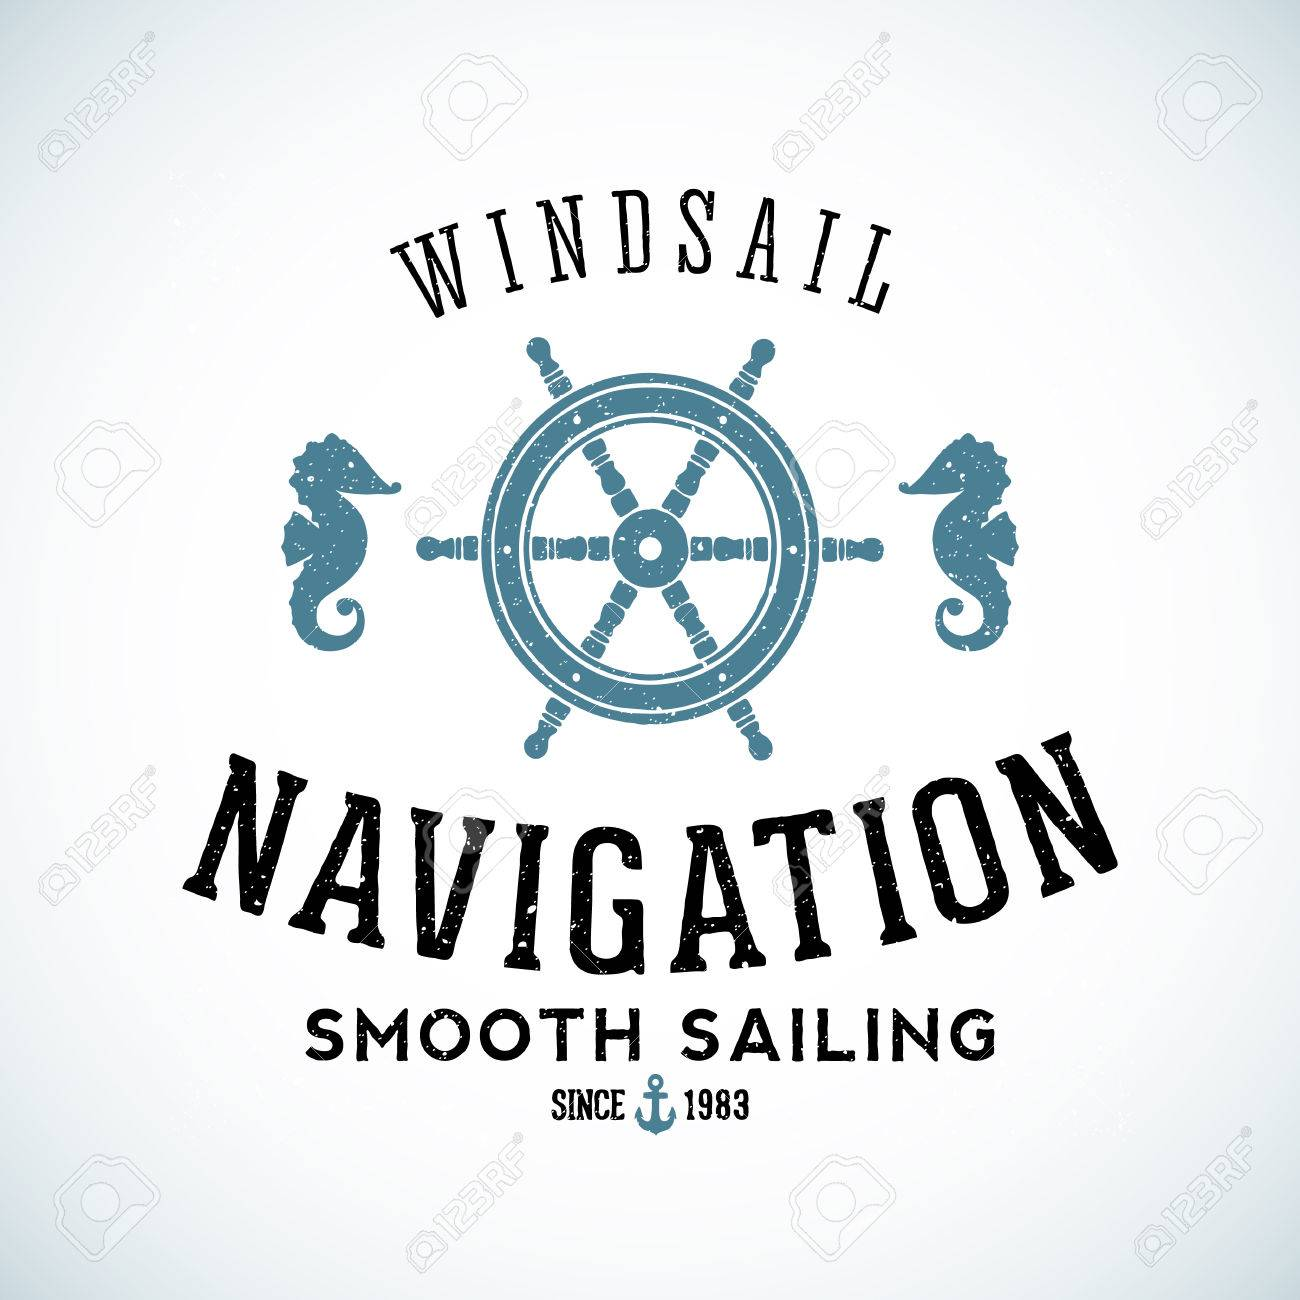 Maritime Navigation Zusammenfassung Vektor-Logo-Vorlage Mit Shabby ...